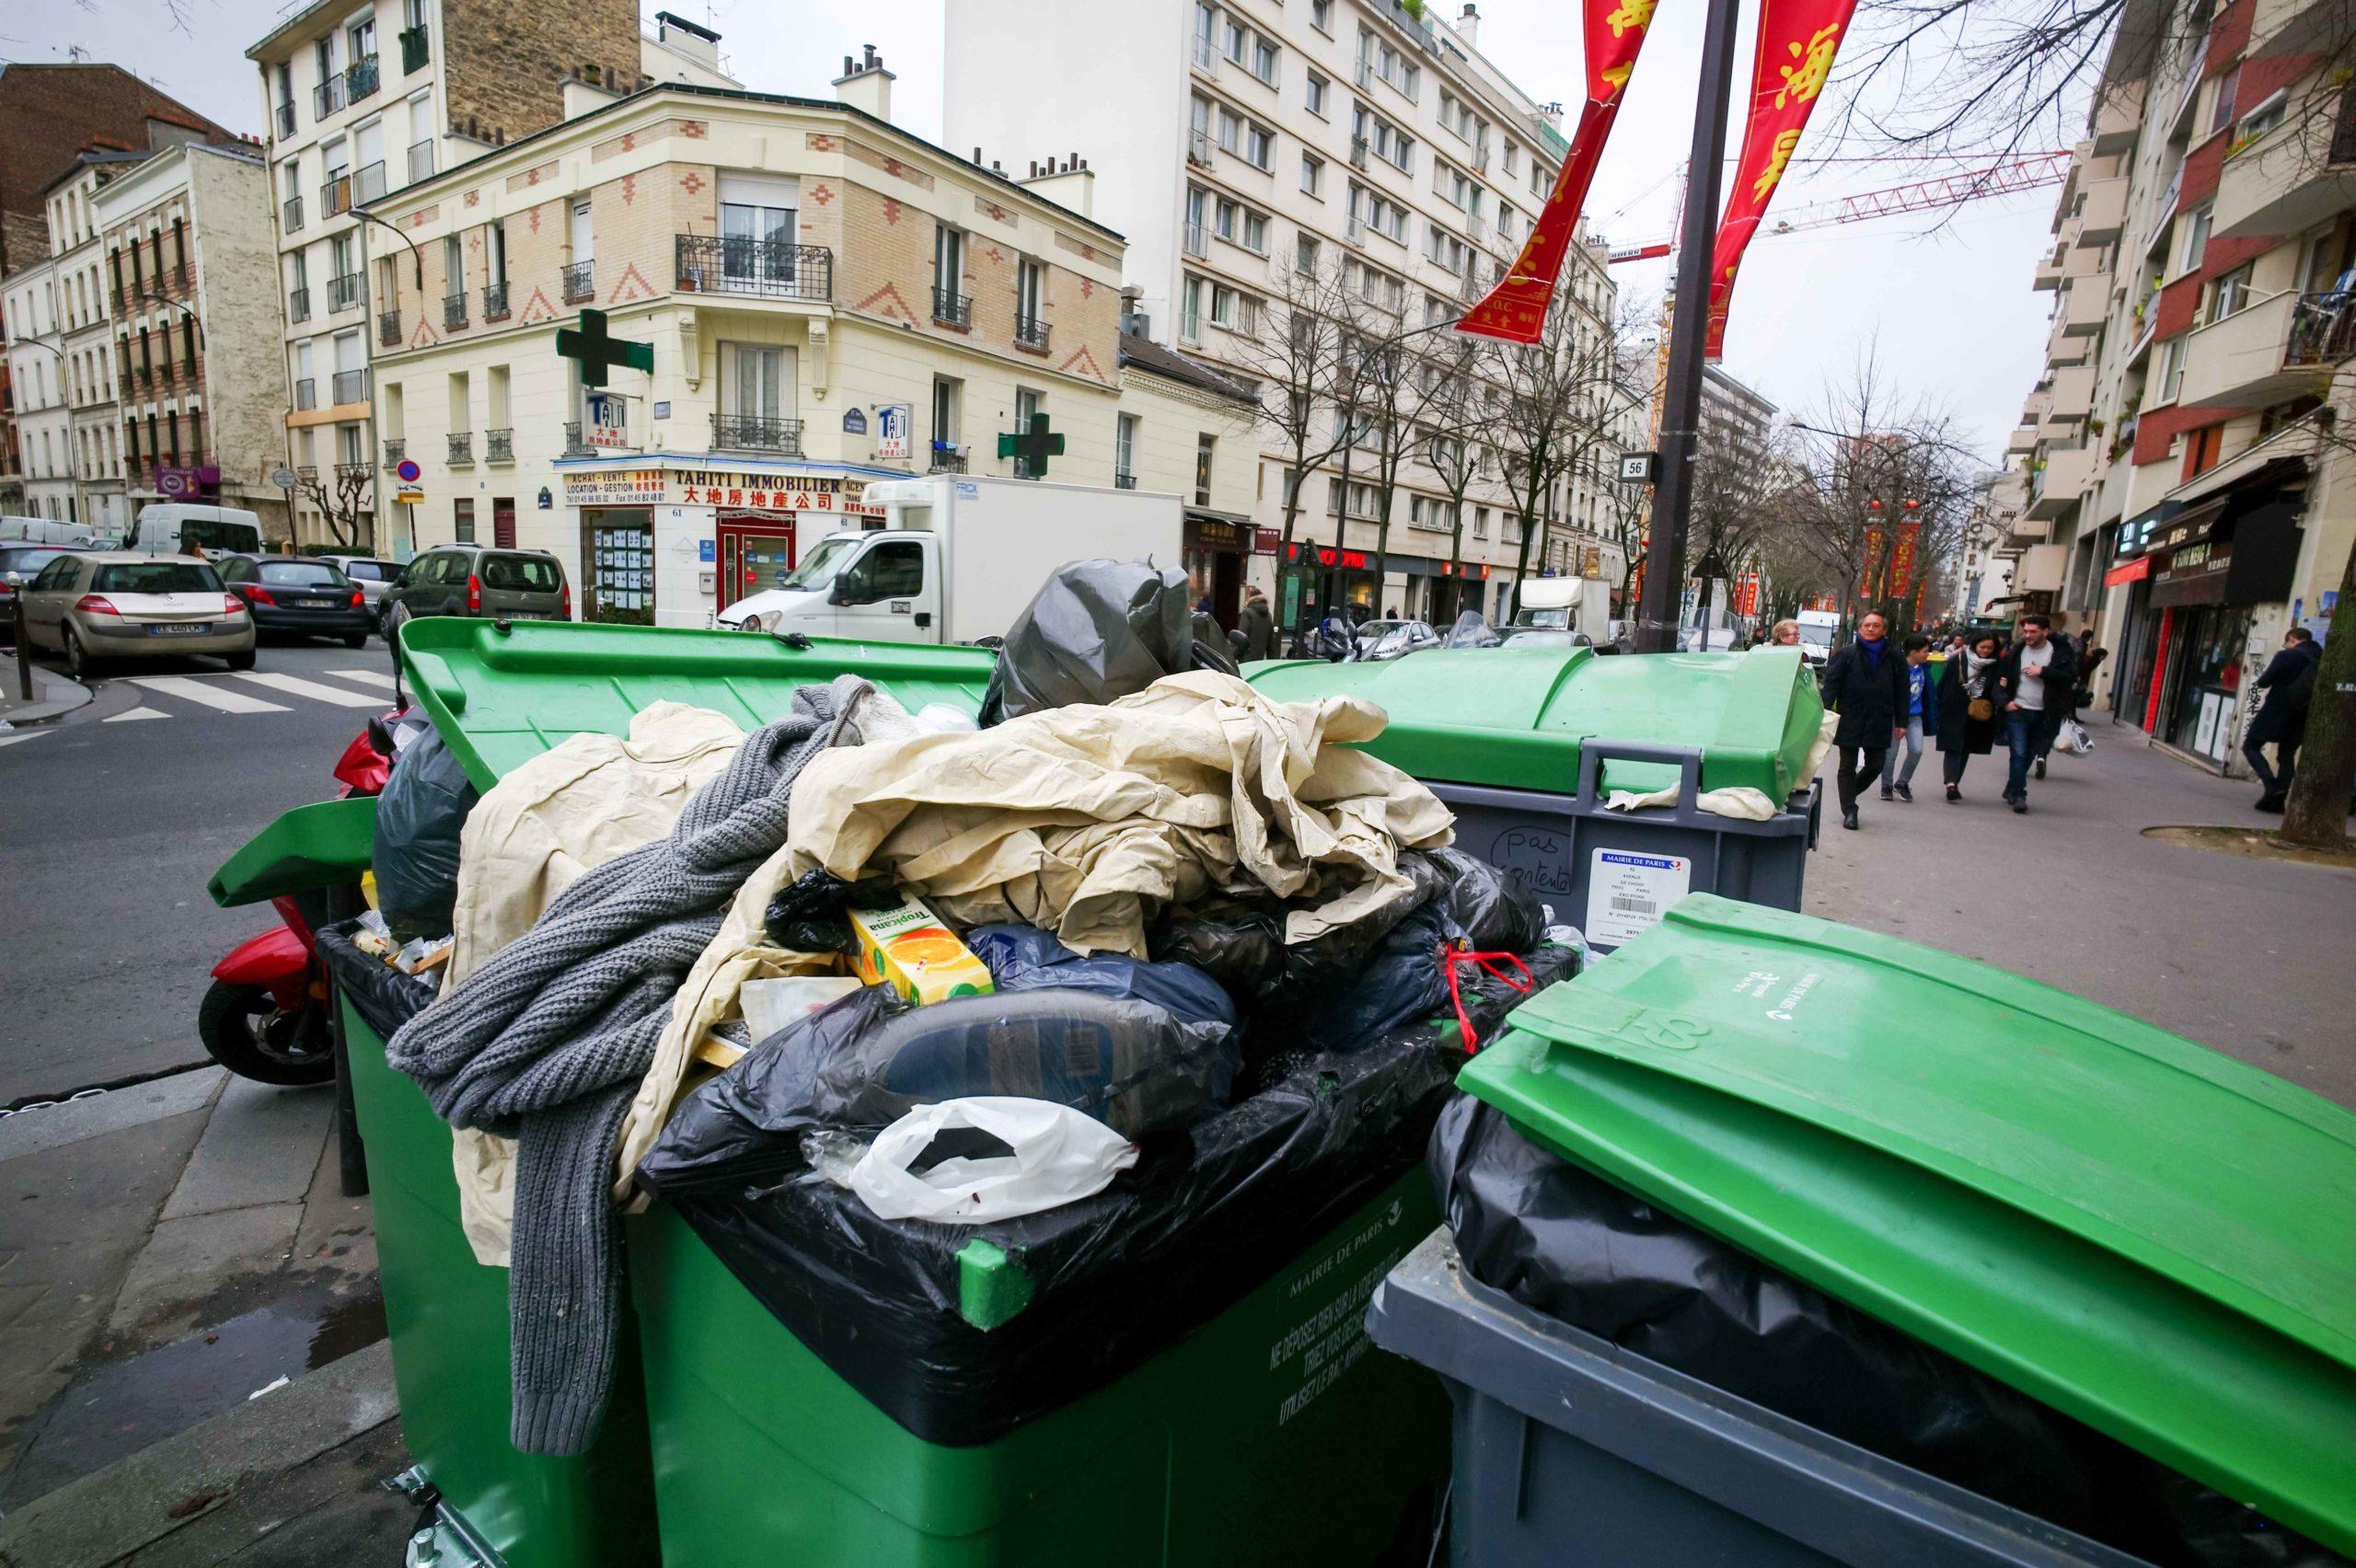 Les effets de la grève sont visibles dans les rues de Paris. © Michel Stoupak. Dim 02.02.2020, 14:34:46.